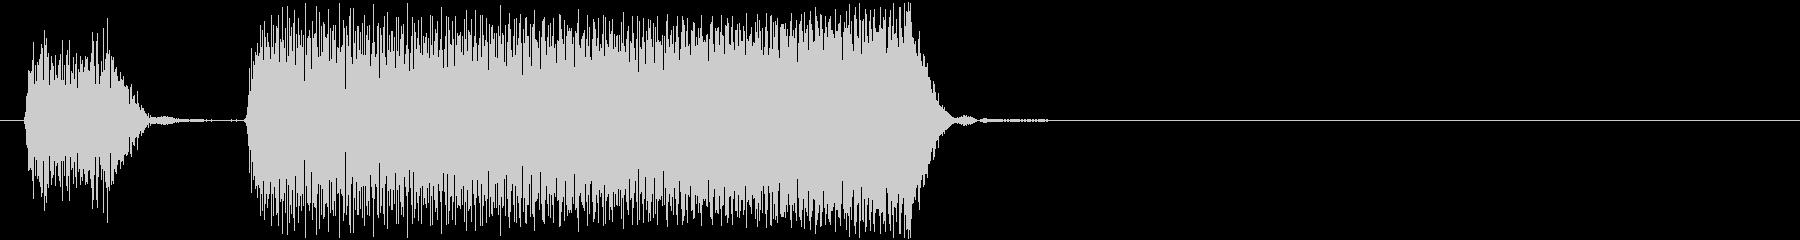 ブッブー(クラクション、車)の未再生の波形